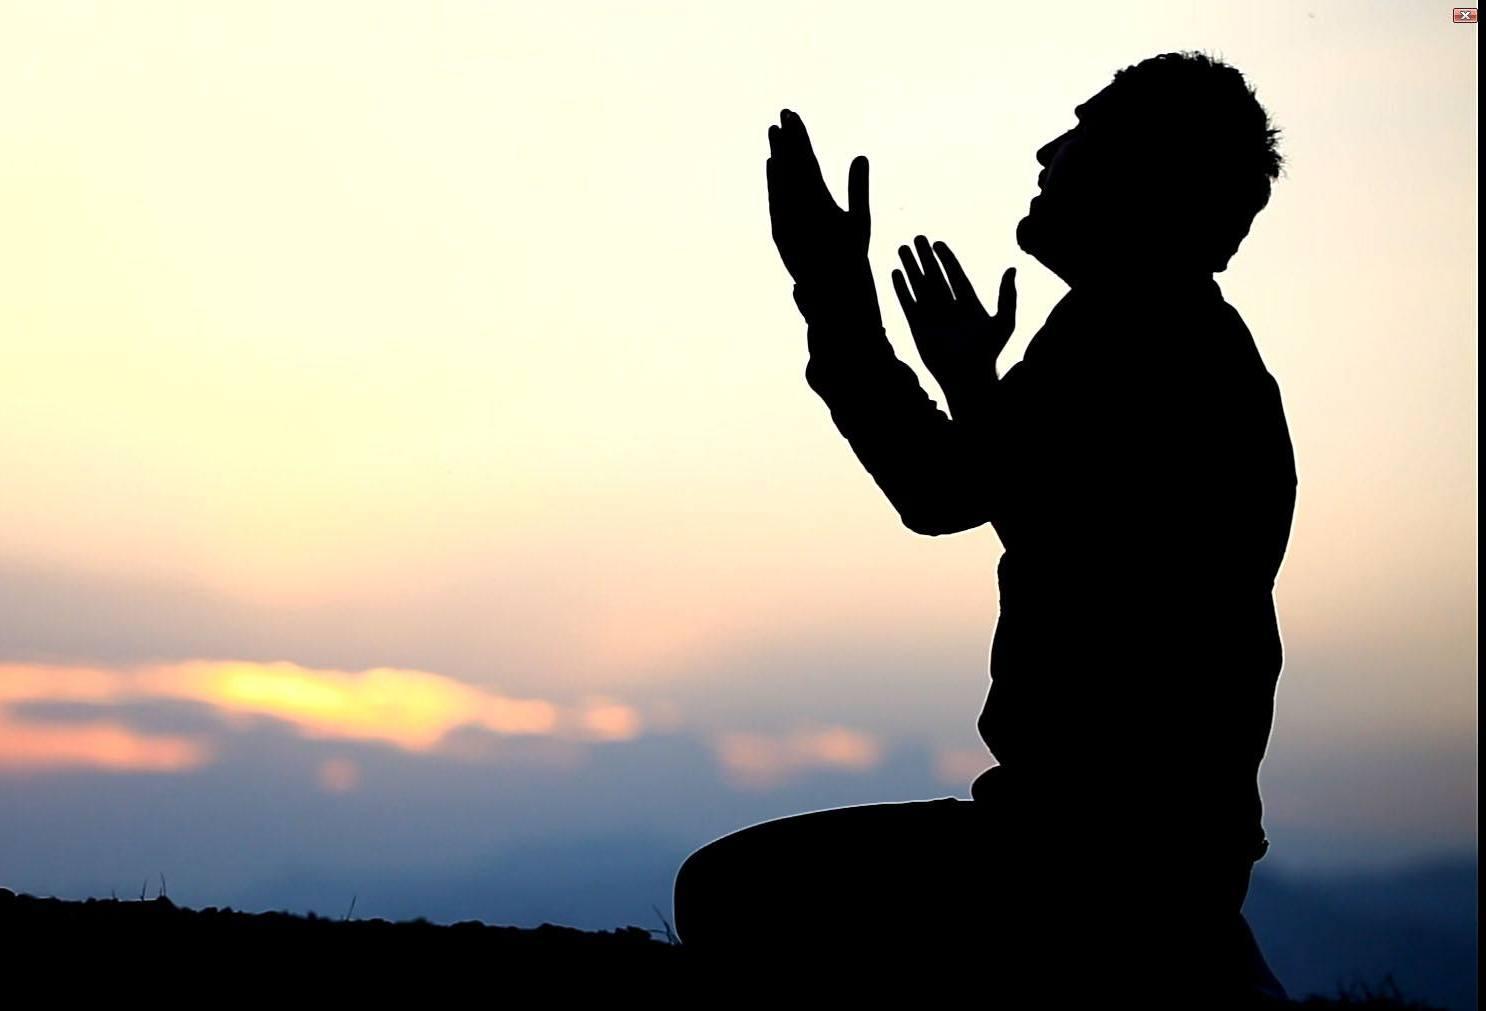 آشنایی با آداب و احکام توبه کردن